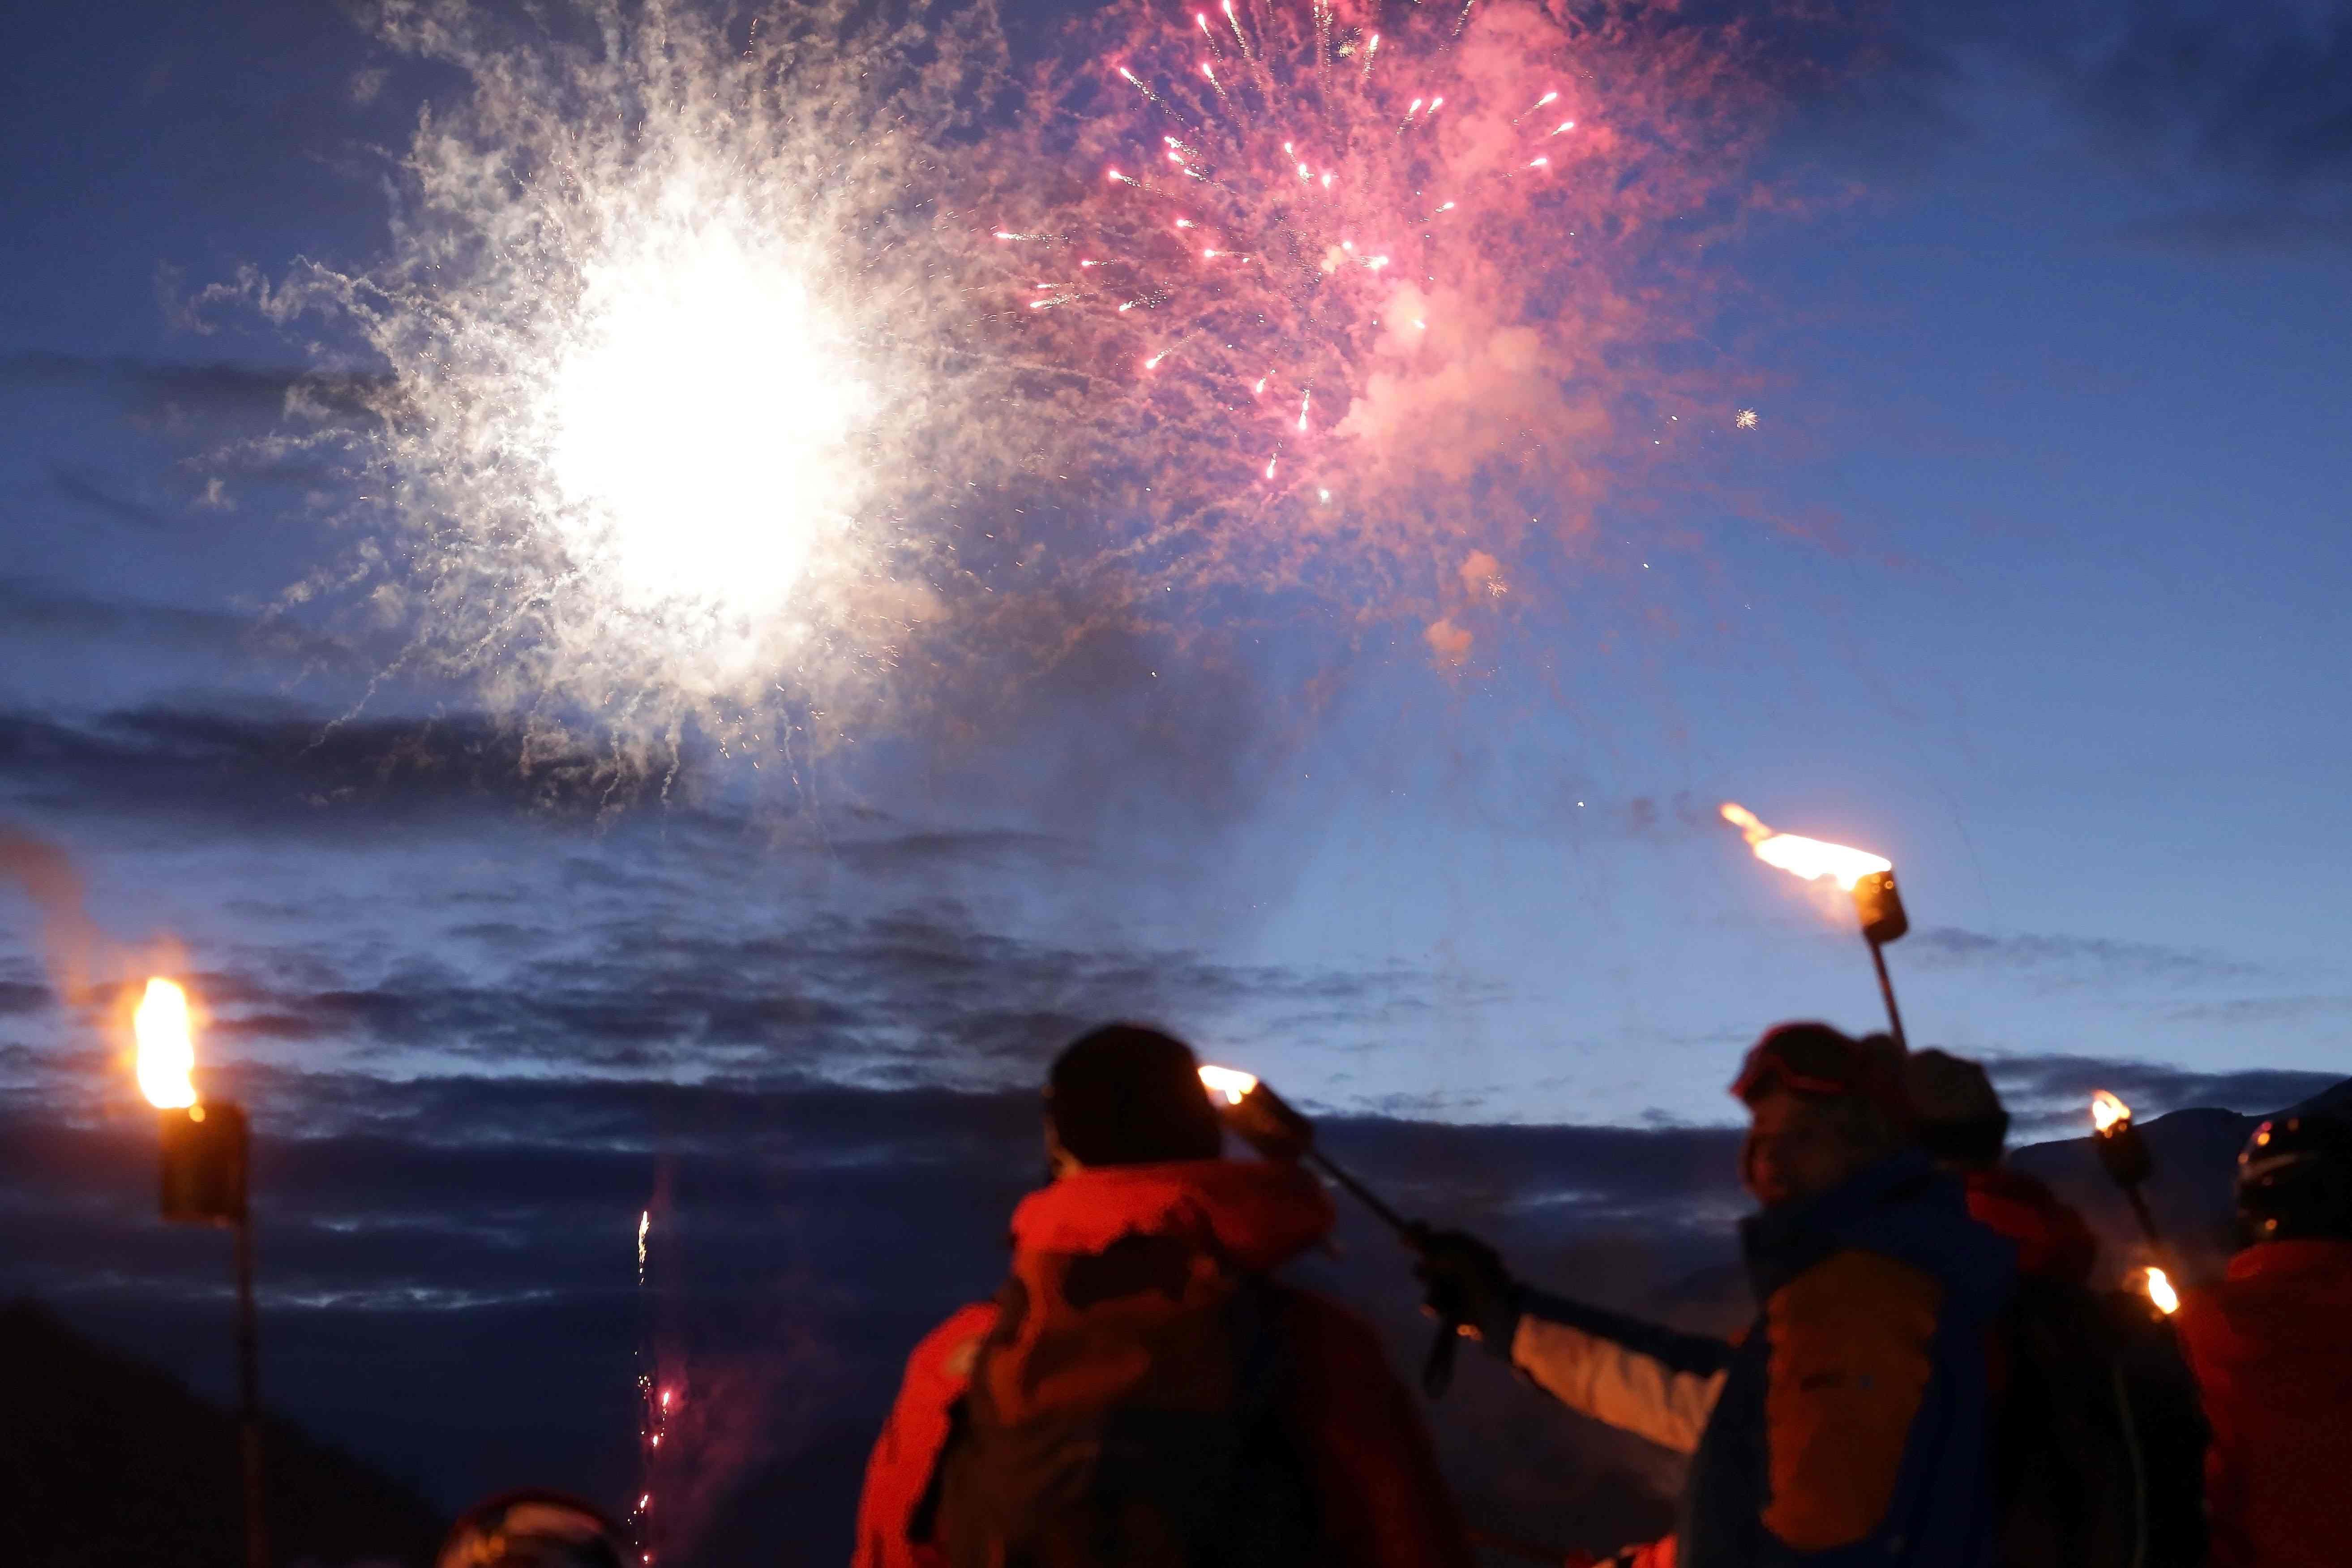 Cerro Castor Bajada de antorchas - Fuegos Artificiales Foto_ Tano Vidal Fotiarb